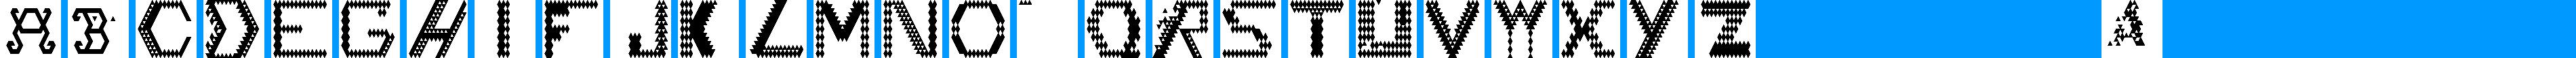 Particip-a-type v.171